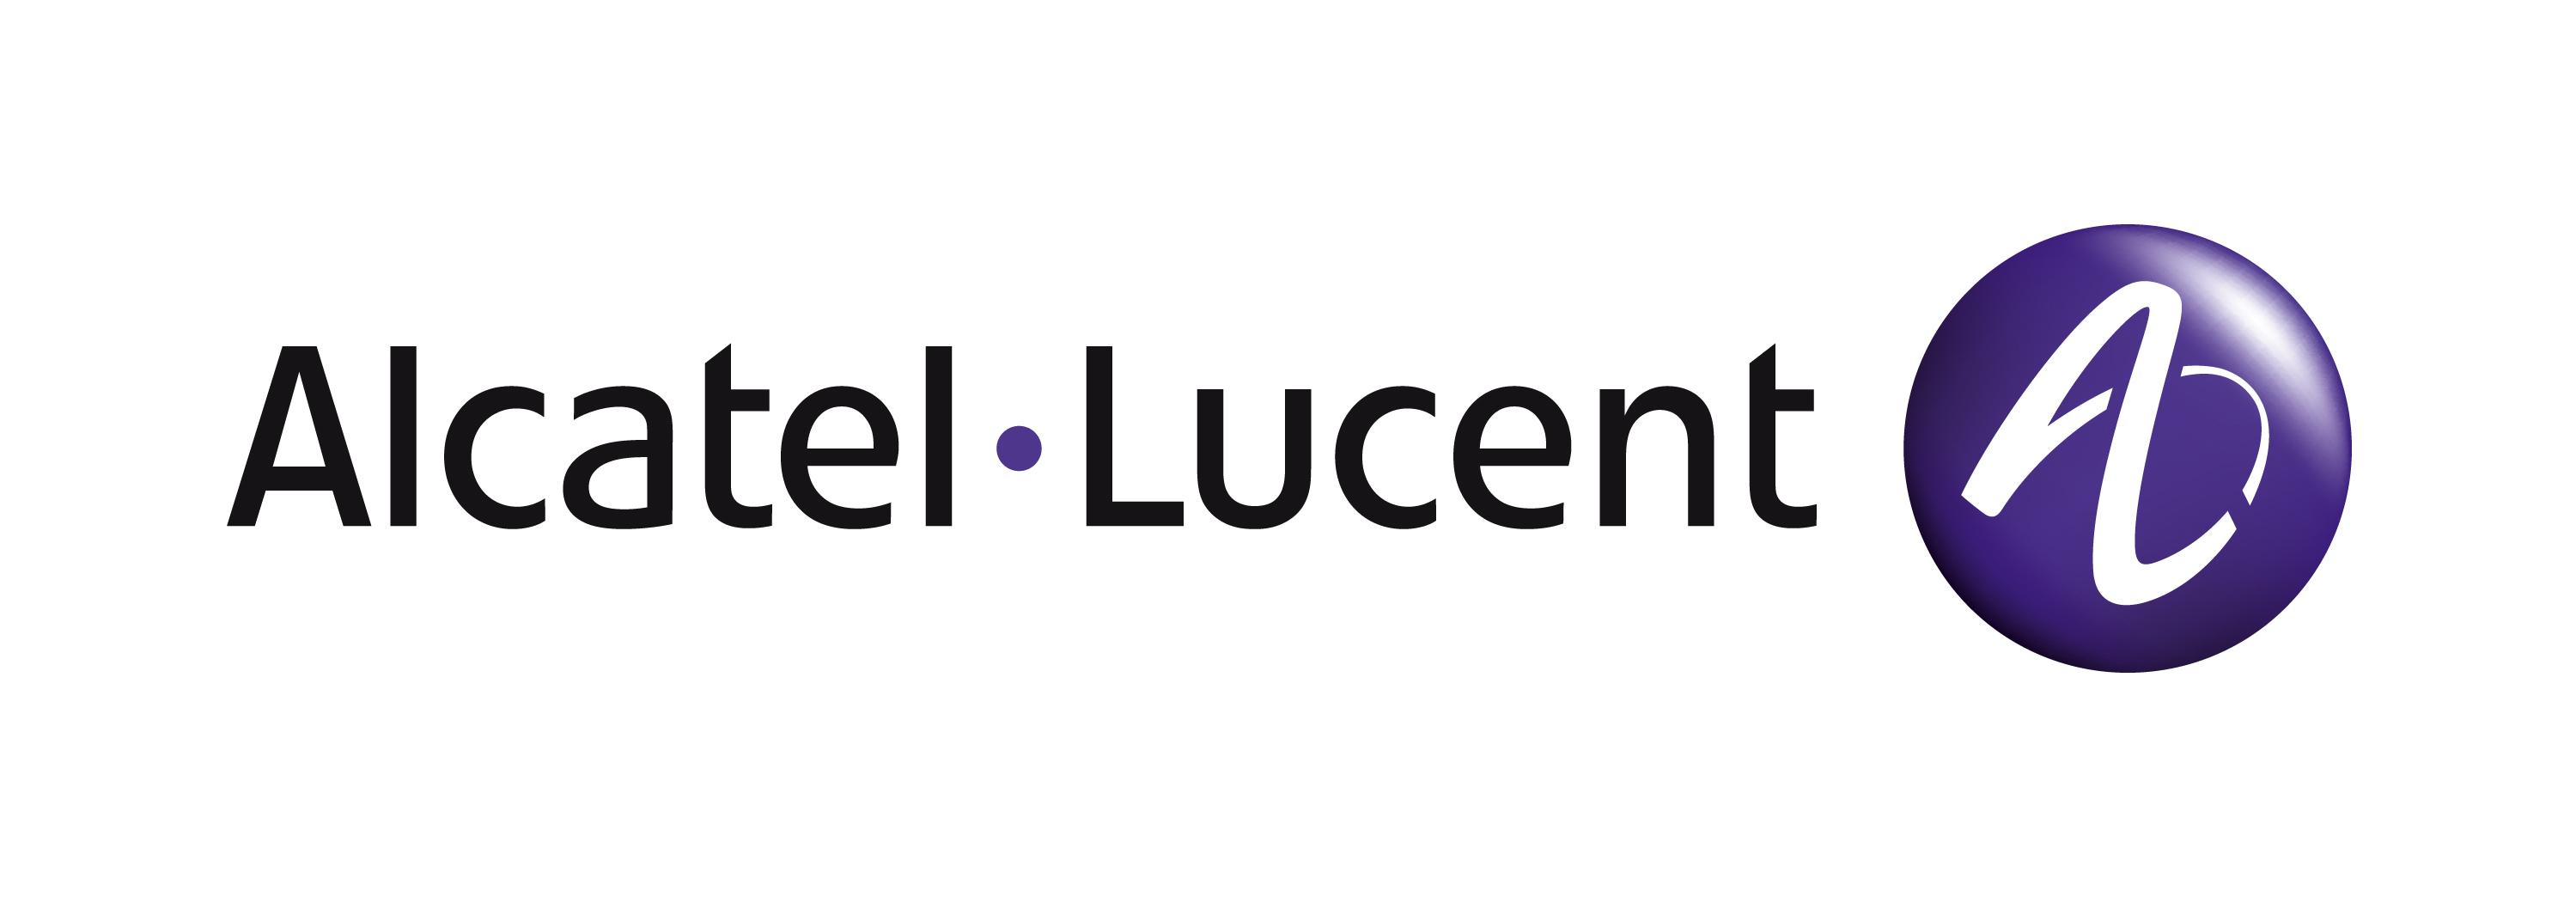 Alcatel-Lucent et Qualcomm vont améliorer ensemble la capacité des réseaux 3G/4G et Wi-Fi